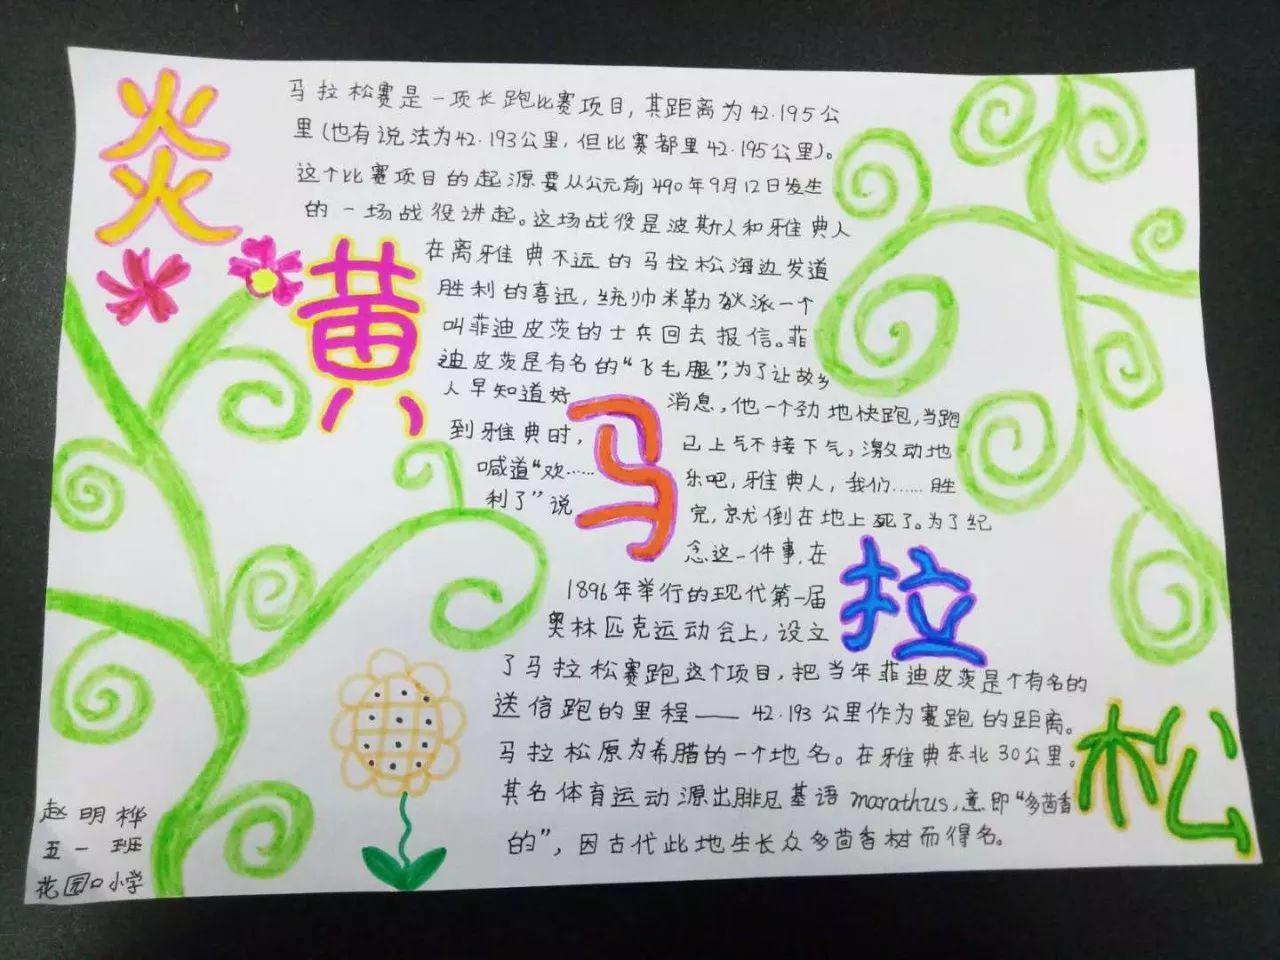 郑州市惠济区花园口小学 炎黄马拉松,花小在行动